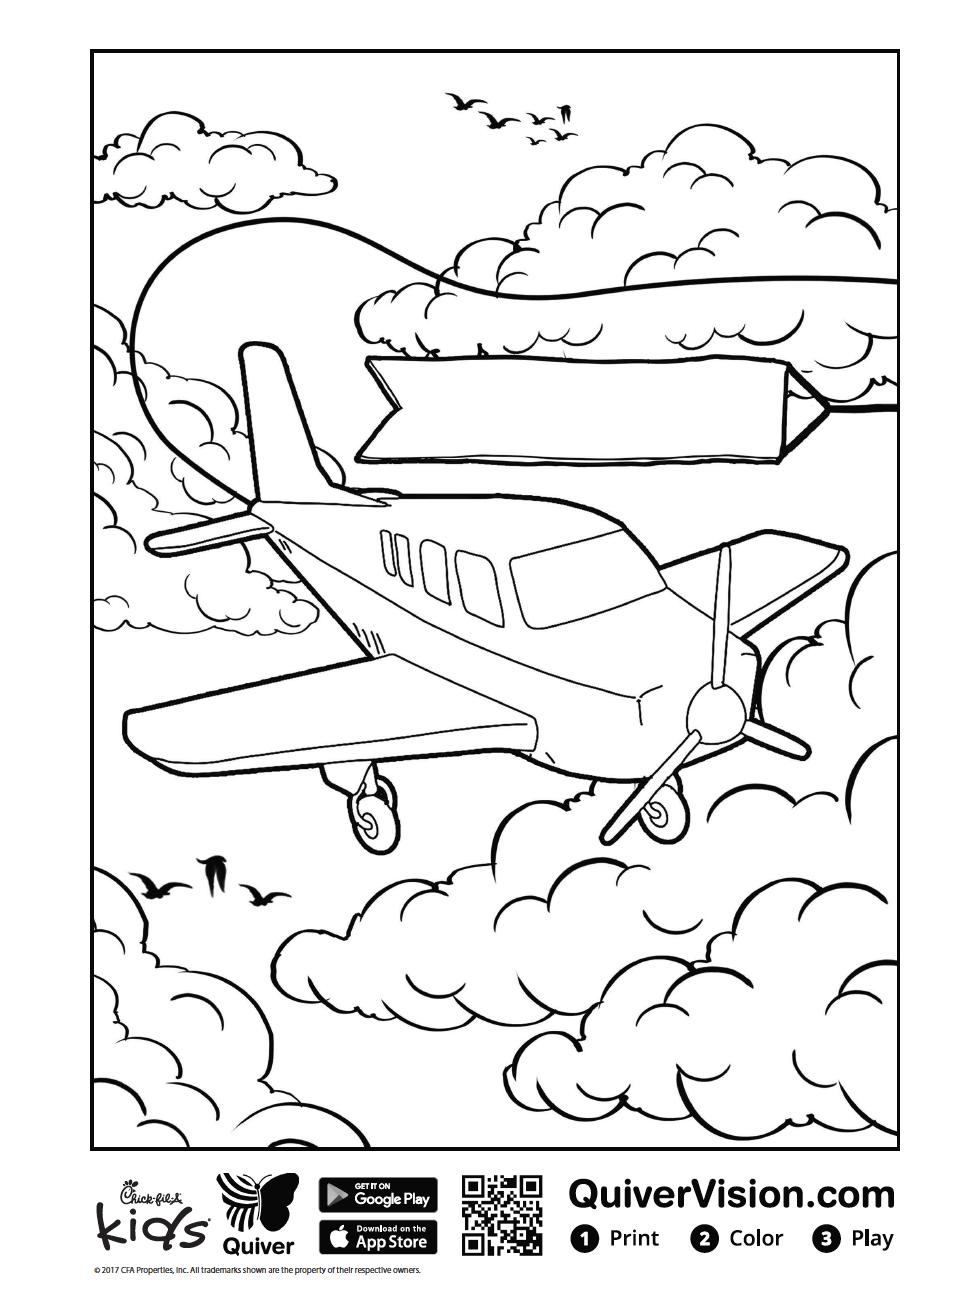 vliegtuigen meestersander nl